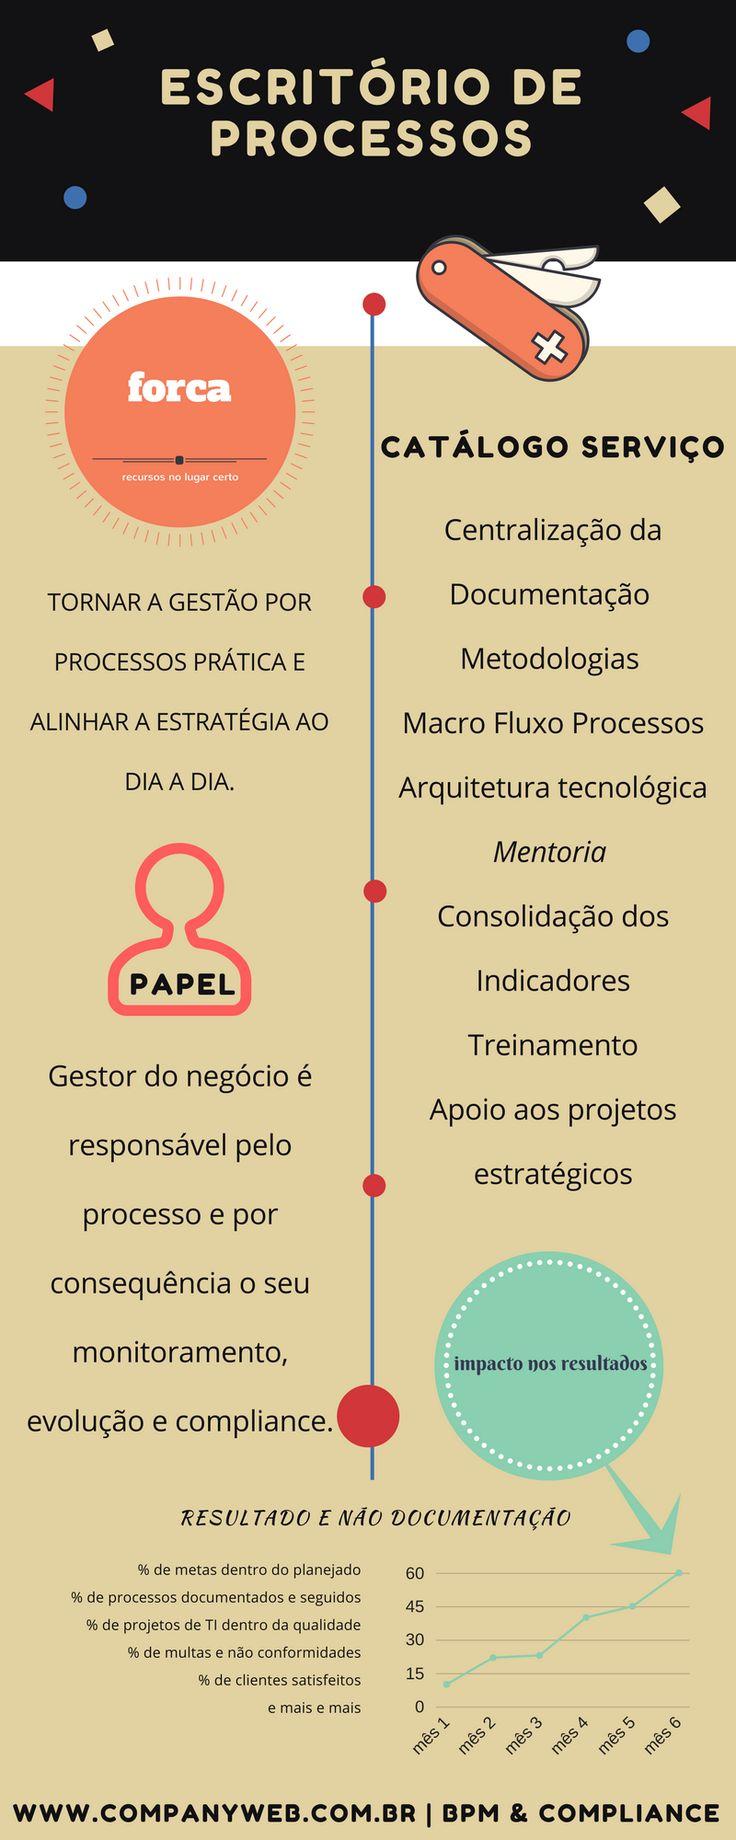 Escritório de Processos como guia para gerar valor para as organizações.  Escritório de Processos, EP, business process office, BPM, Gestão por Processos, Gestão de Processos